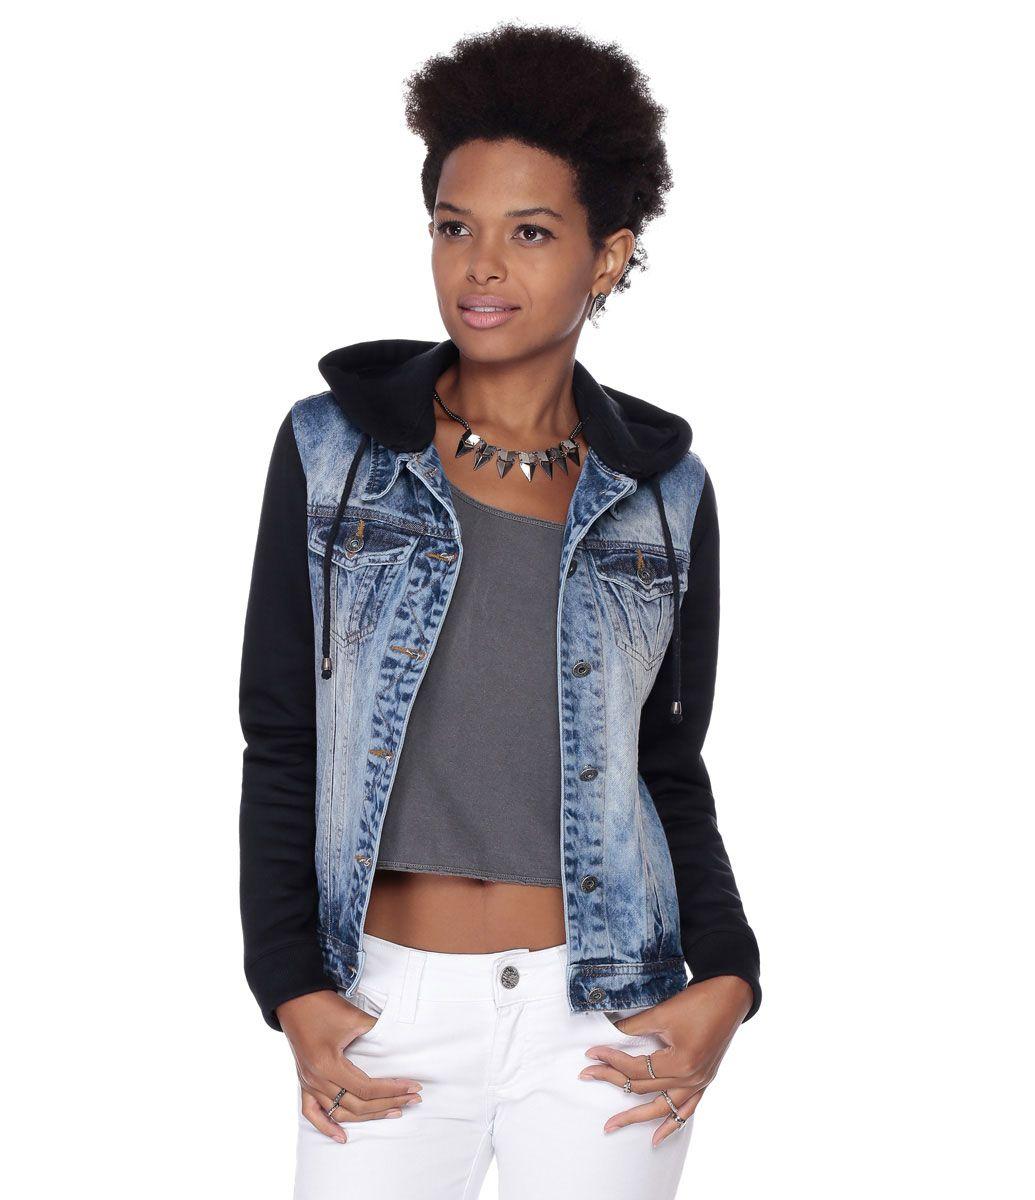 d3bdf513cd Jaqueta Feminina em Jeans com Capuz e Mangas em Moletom - Lojas Renner